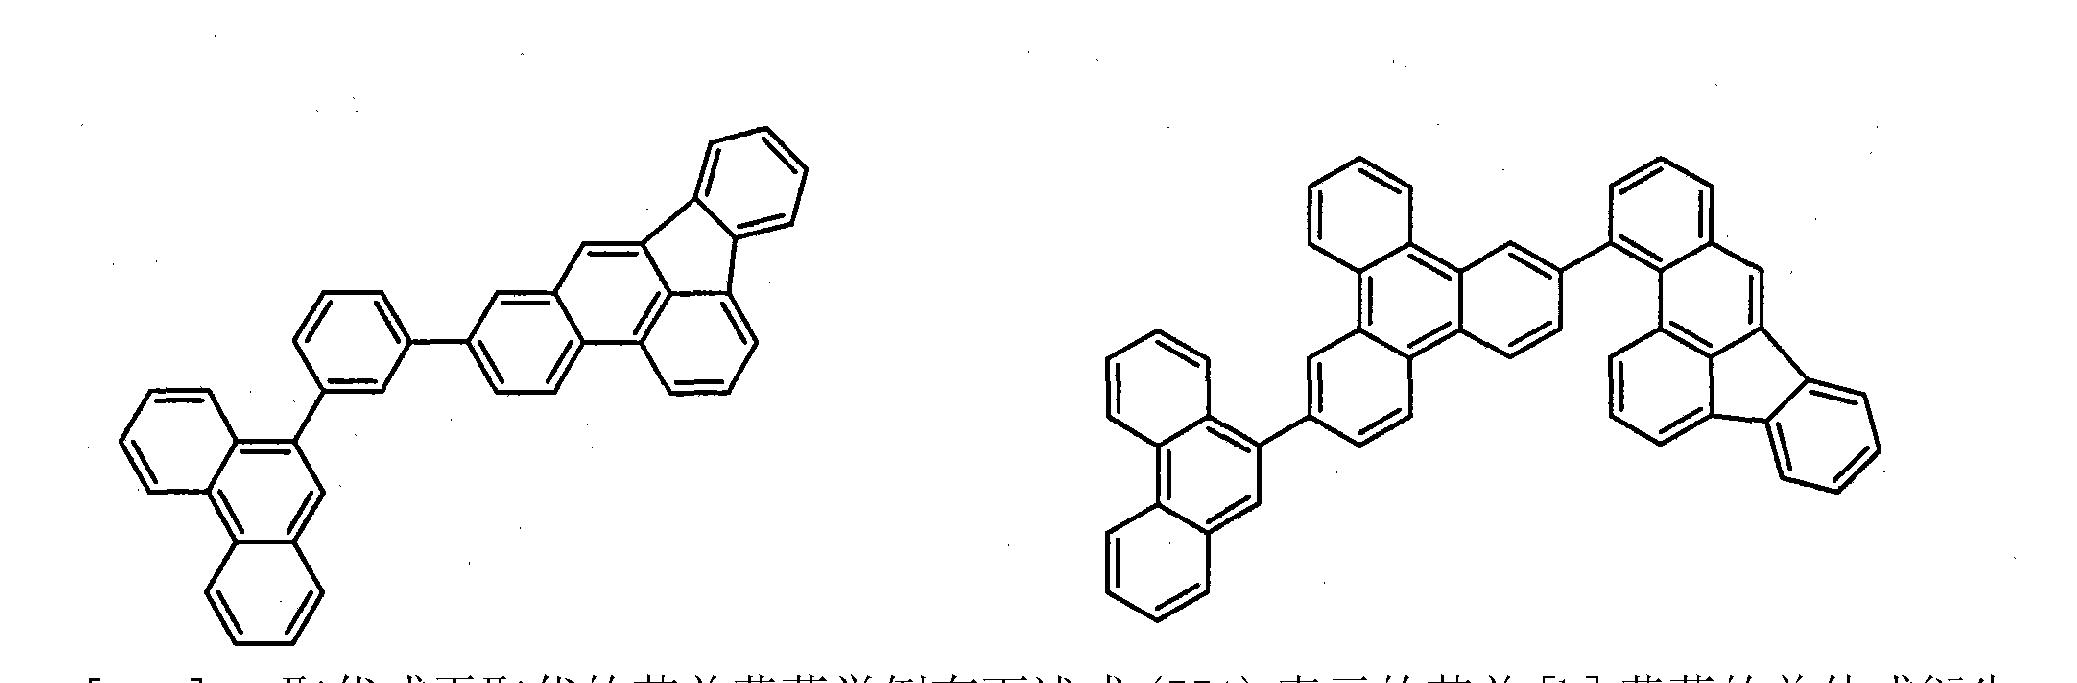 Figure CN101874316BD00352